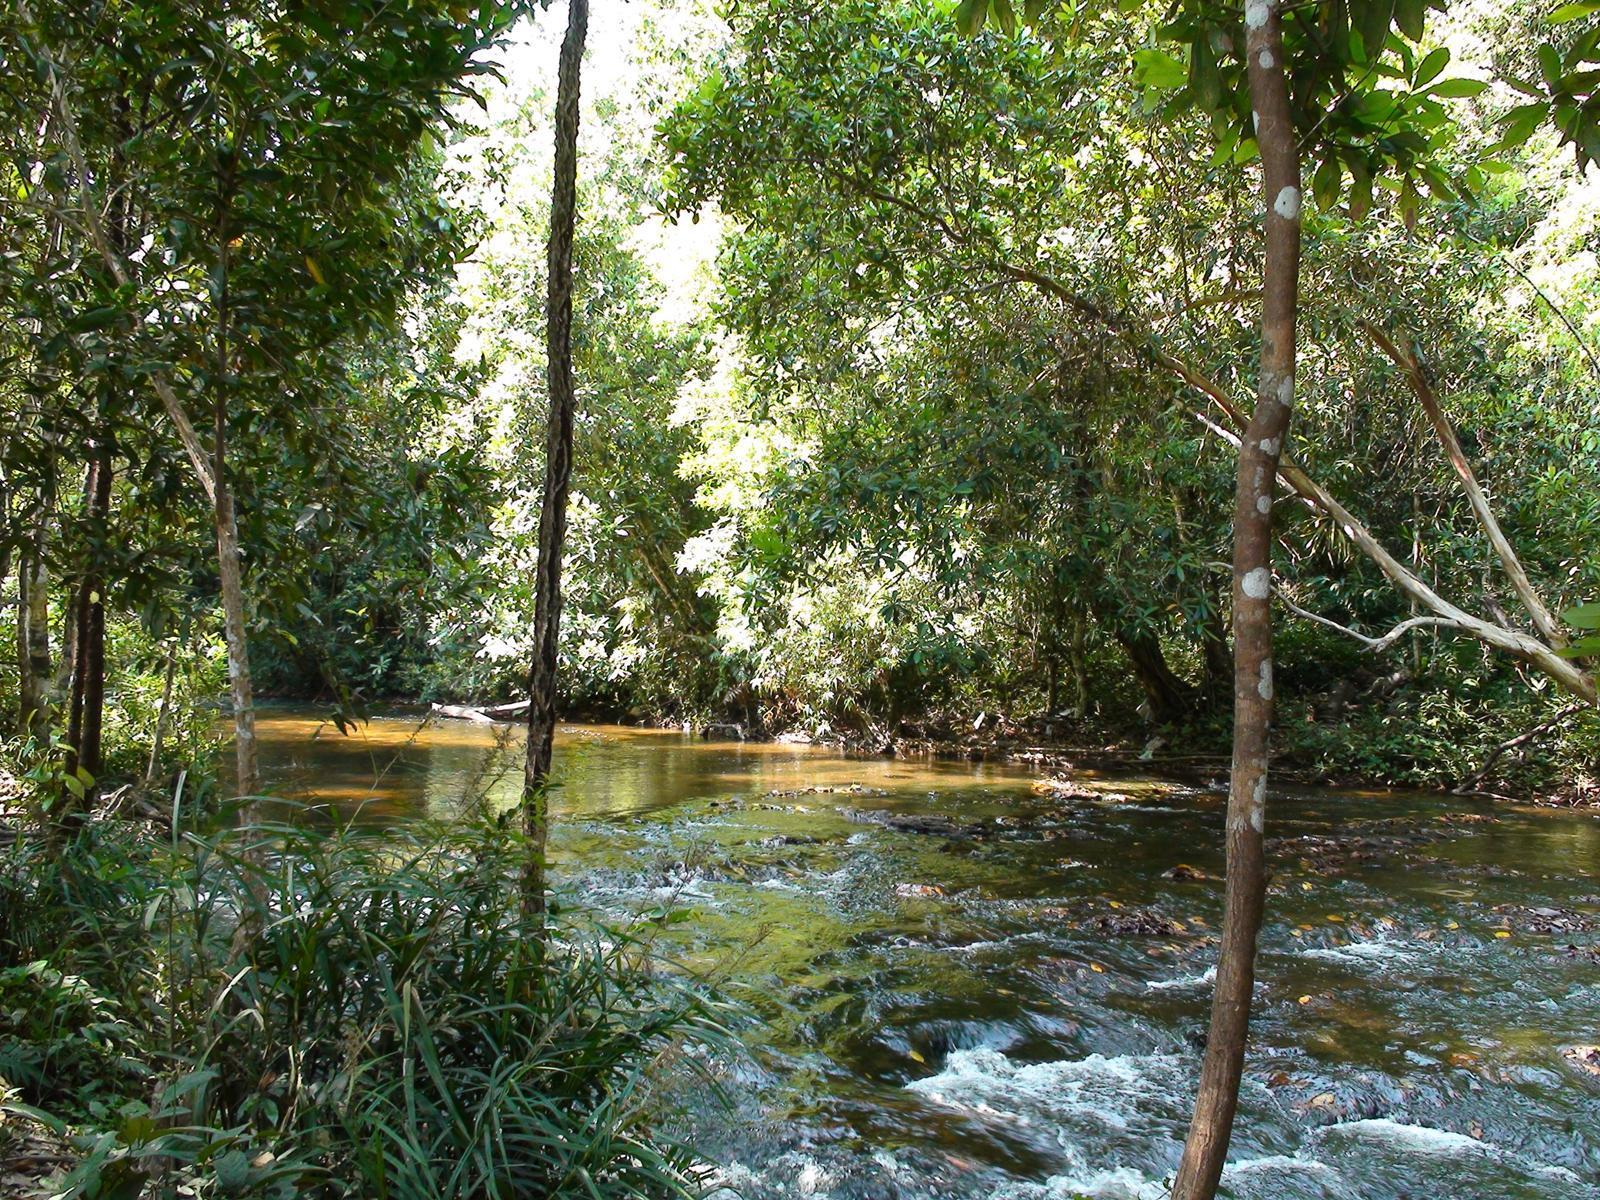 Ağaçlar Arasında Akan Su